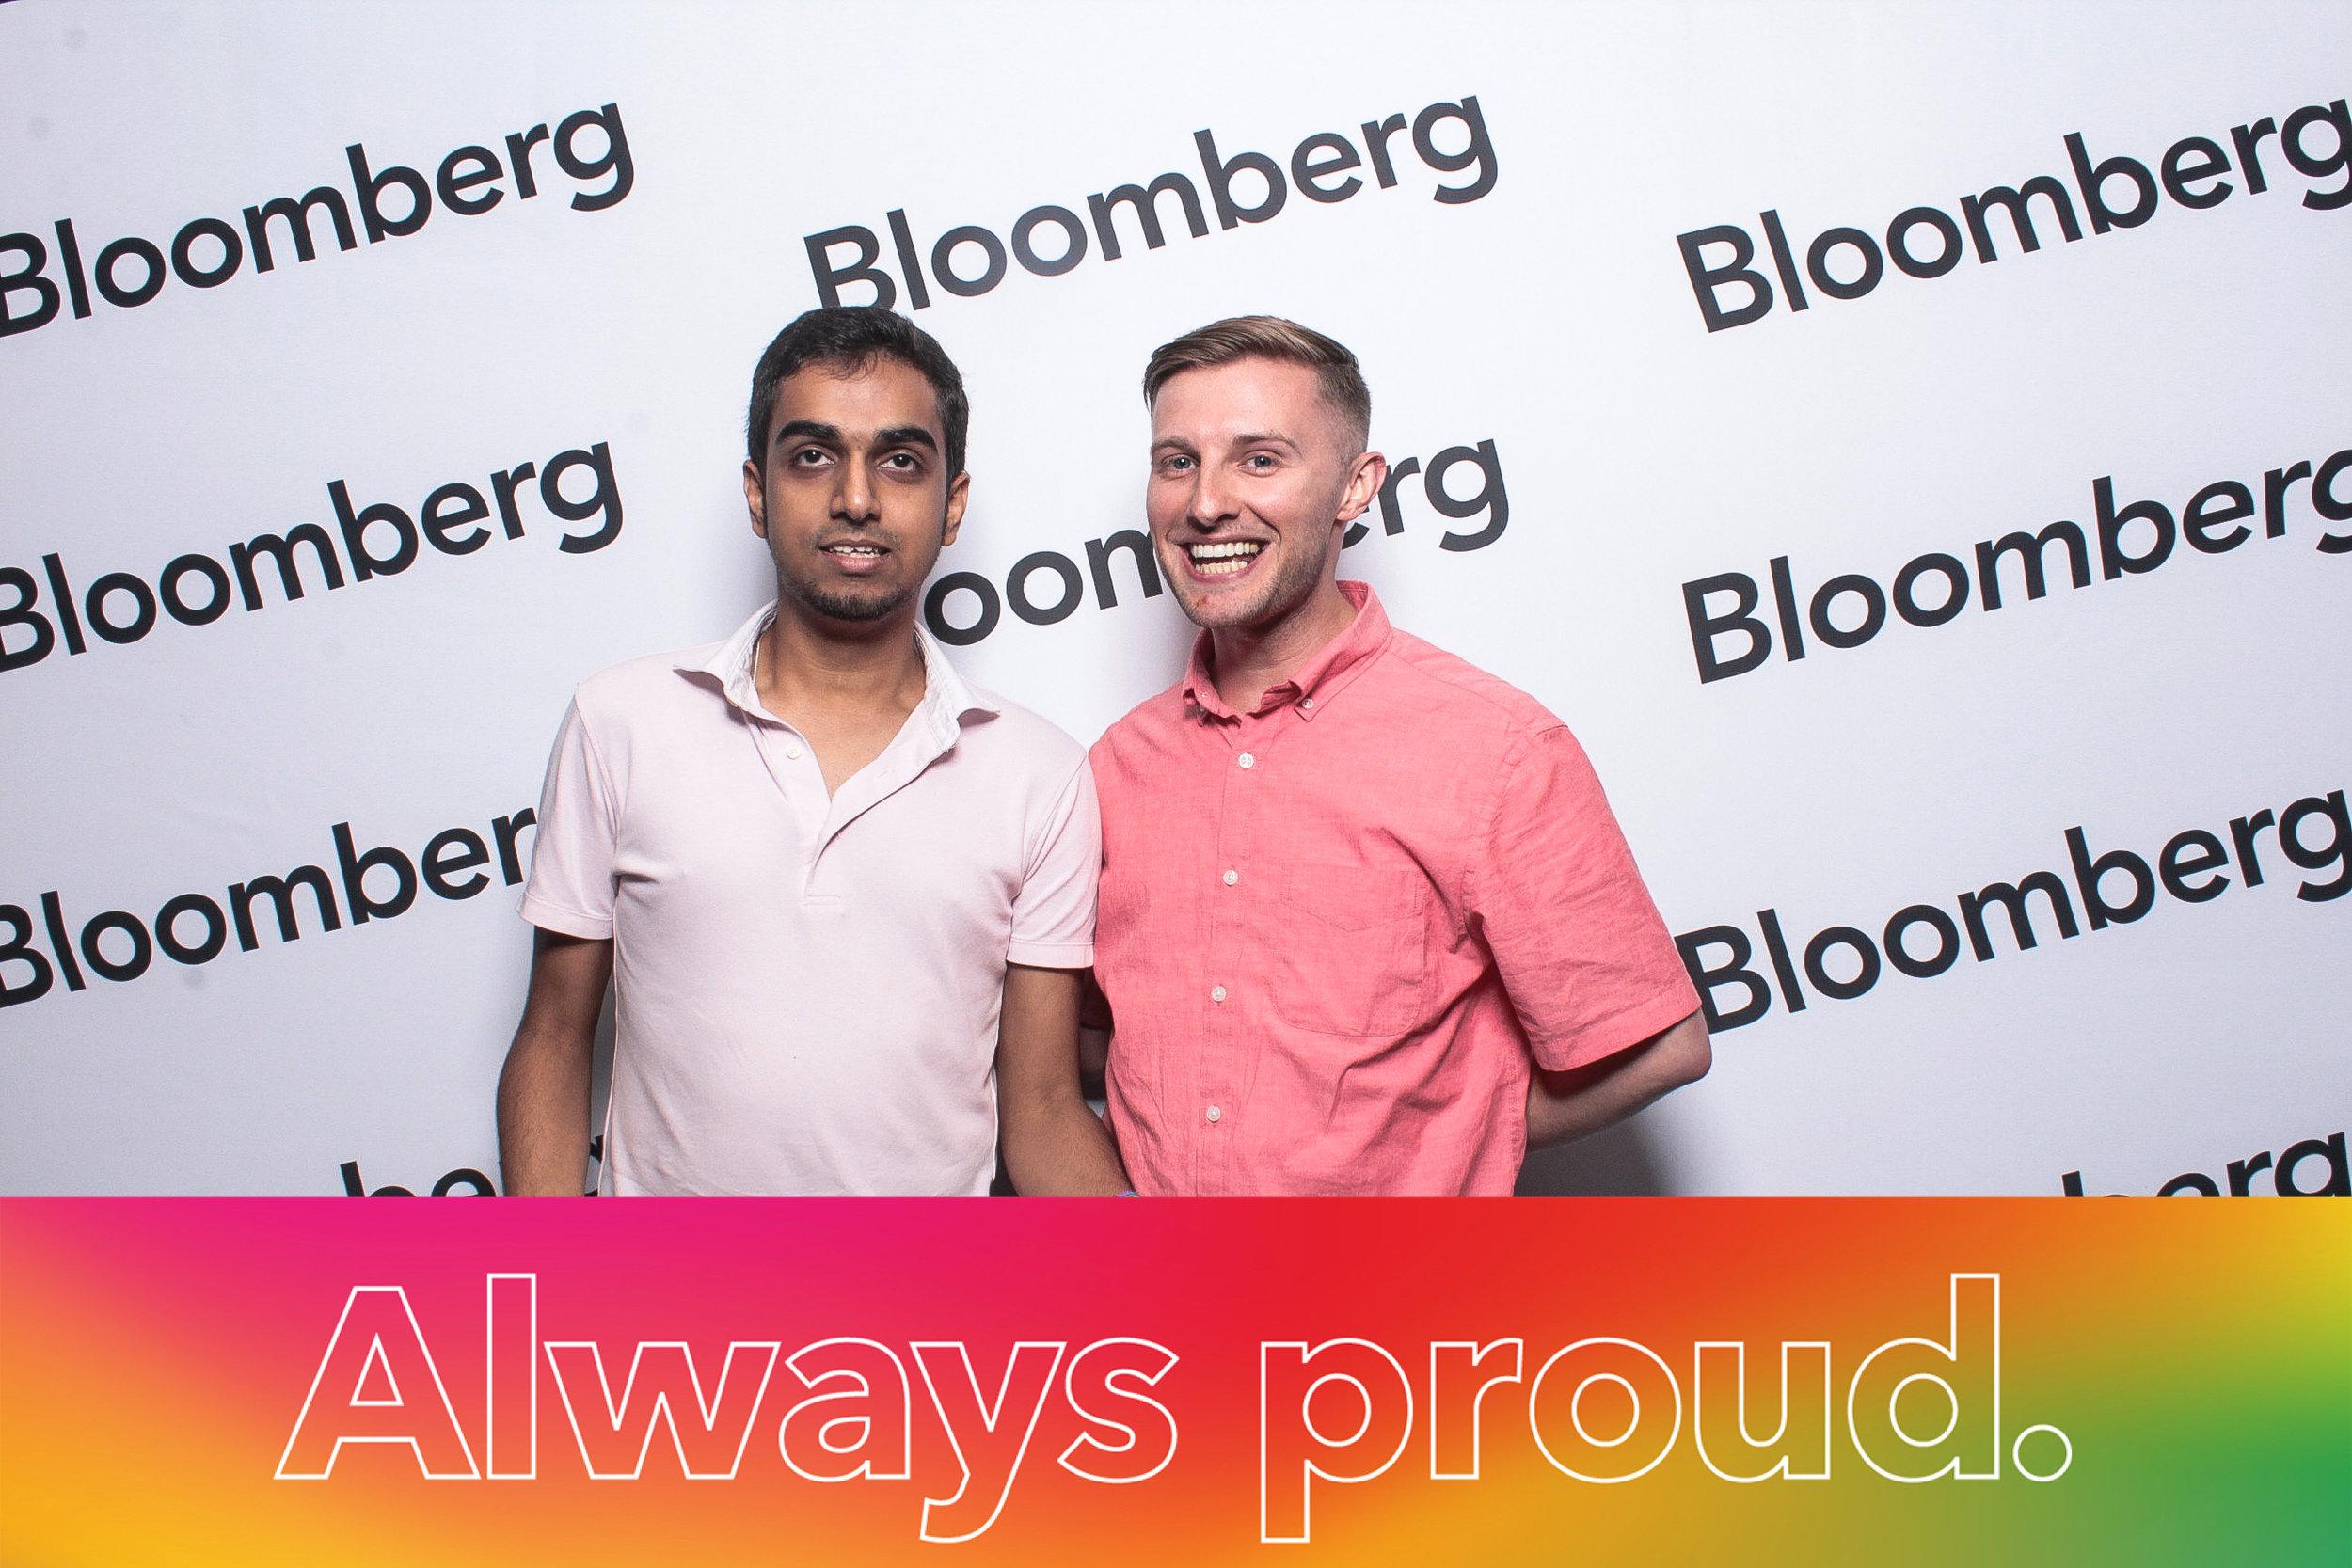 20190610_Bloomberg-043.jpg